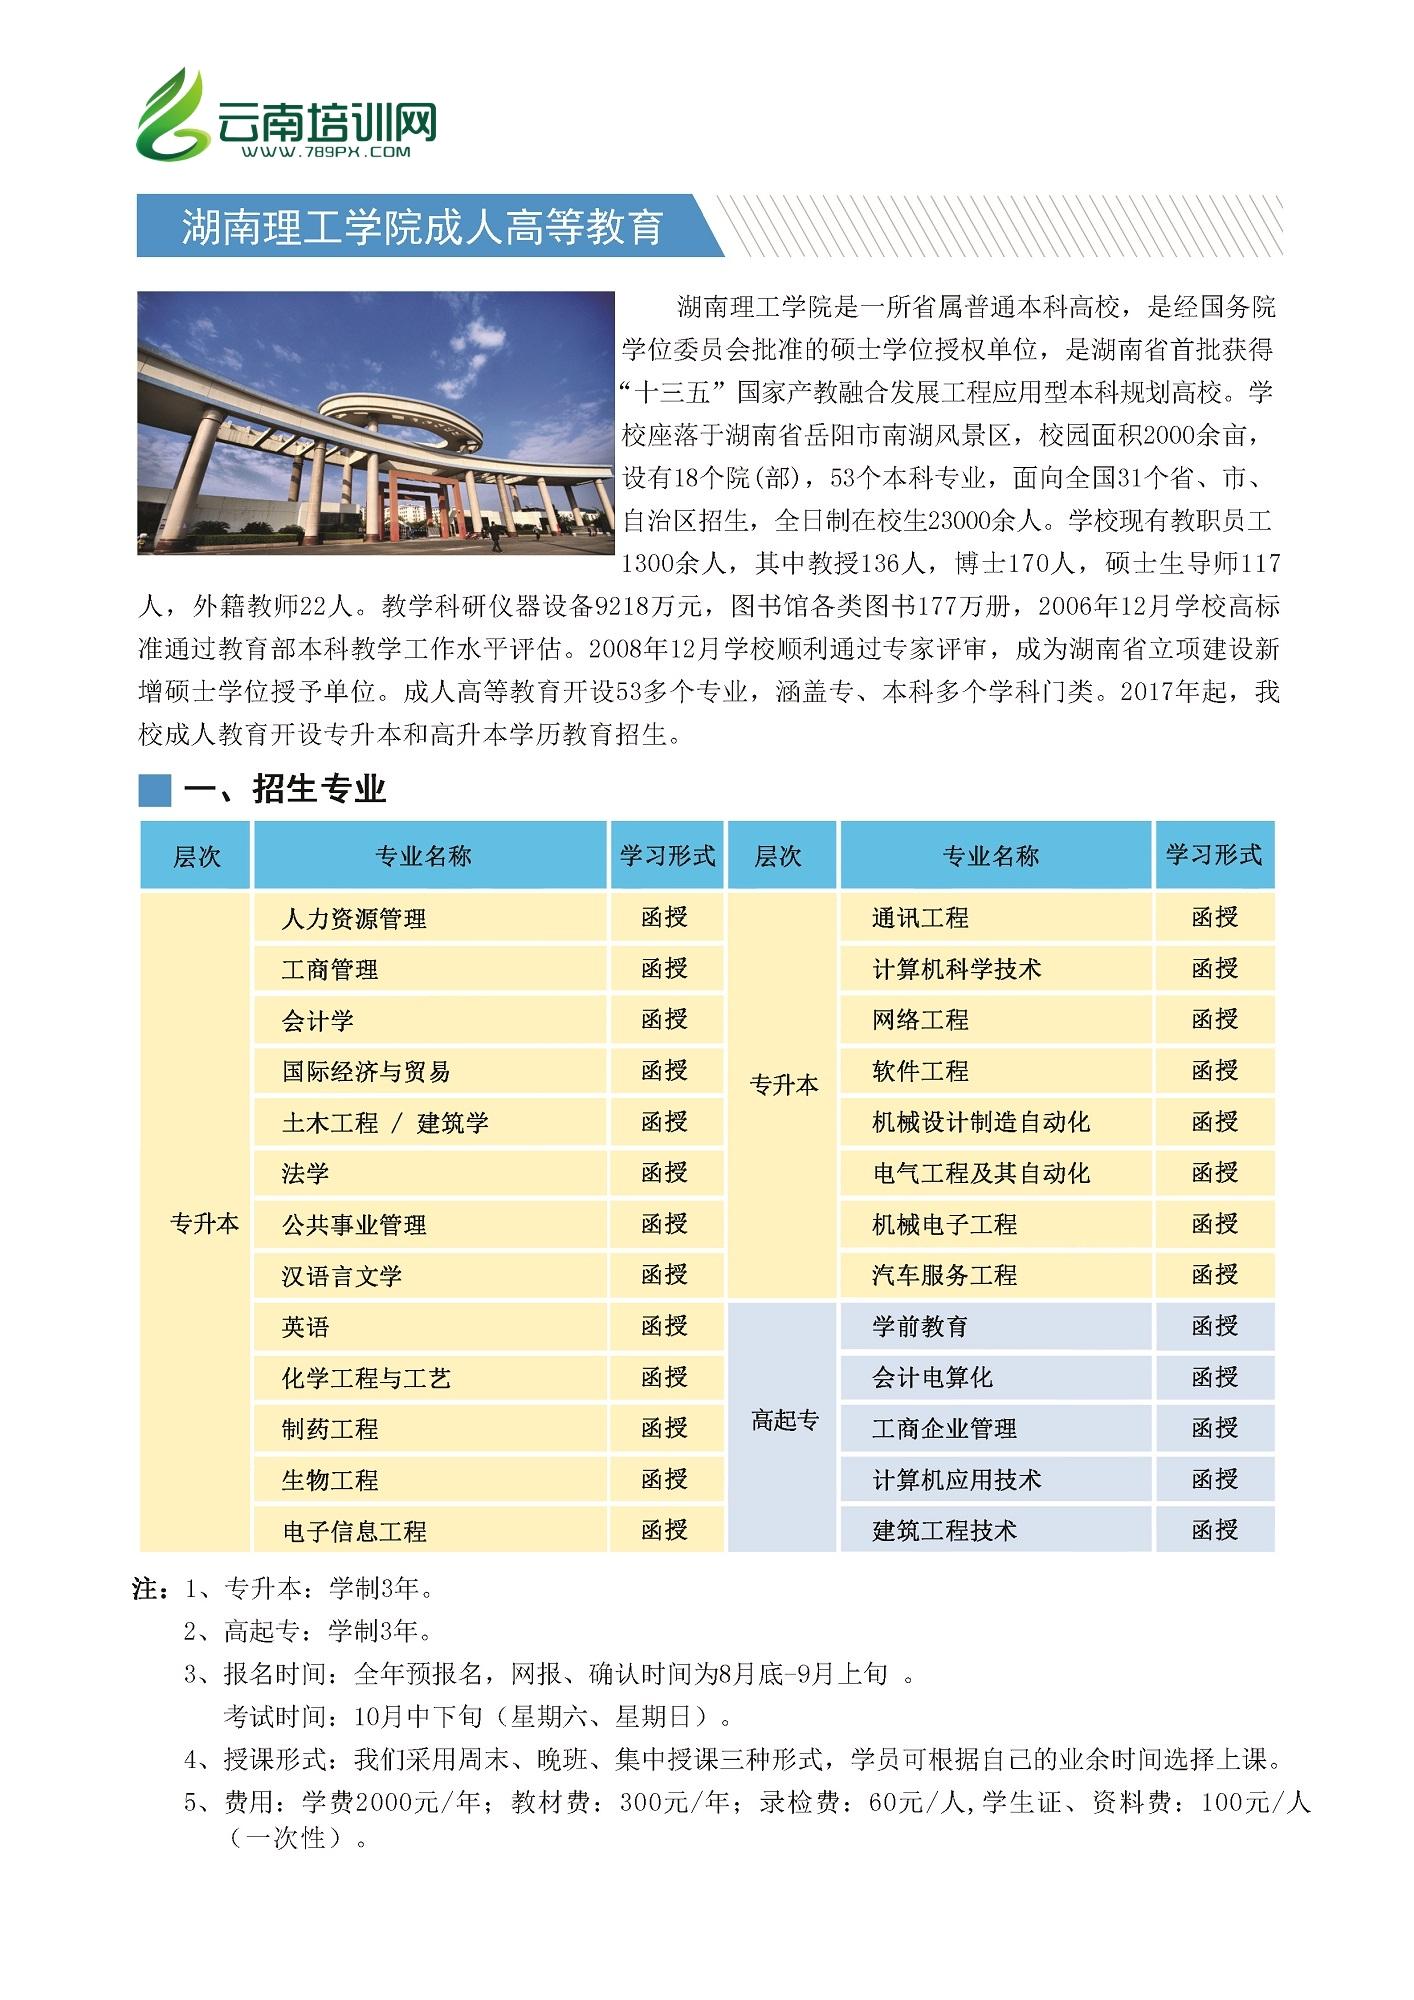 湖南理工学院云南成人高考报名